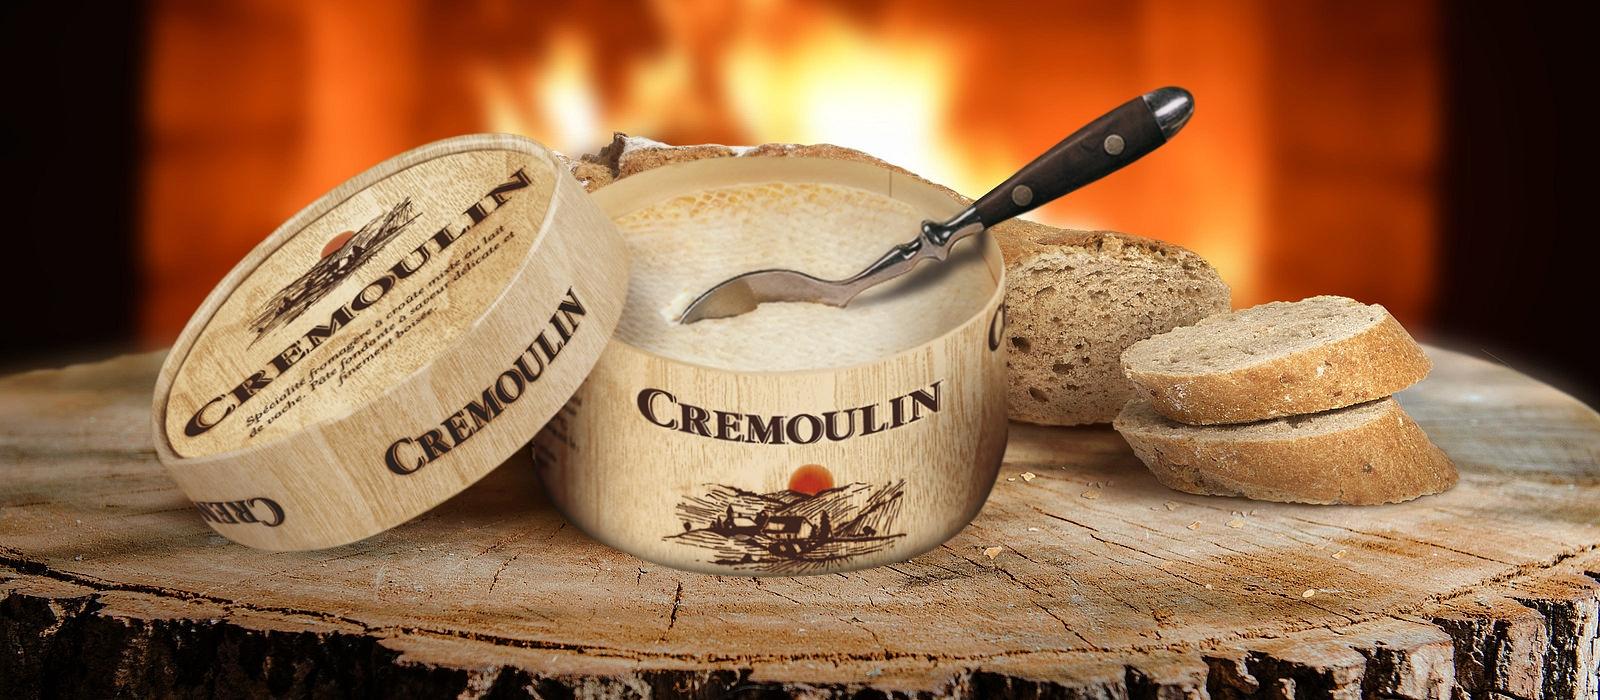 Crémoulin